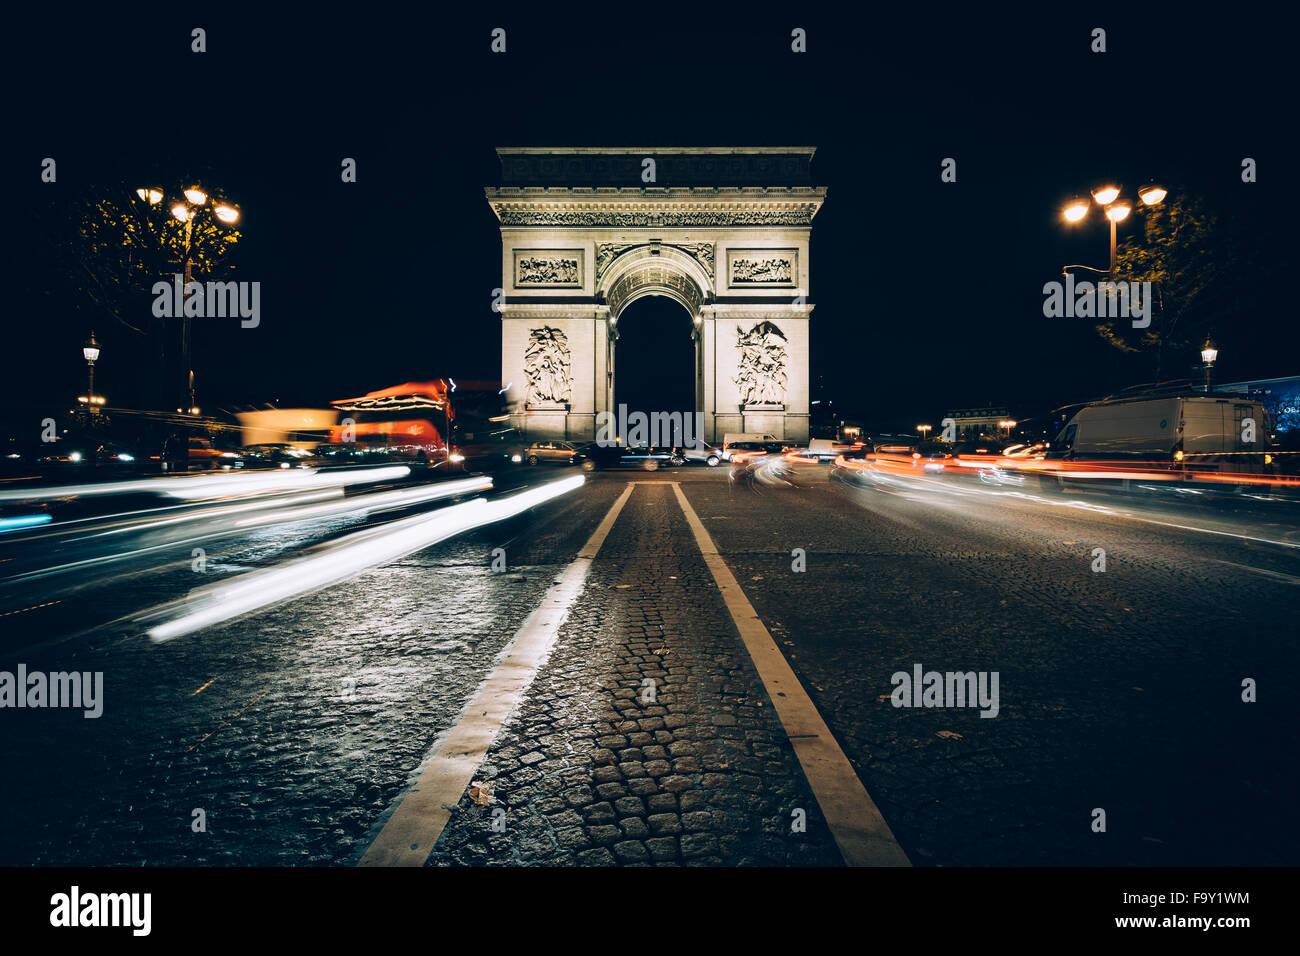 El tráfico en la Avenida de los Campos Elíseos y del Arco de Triunfo por la noche en París, Francia. Imagen De Stock